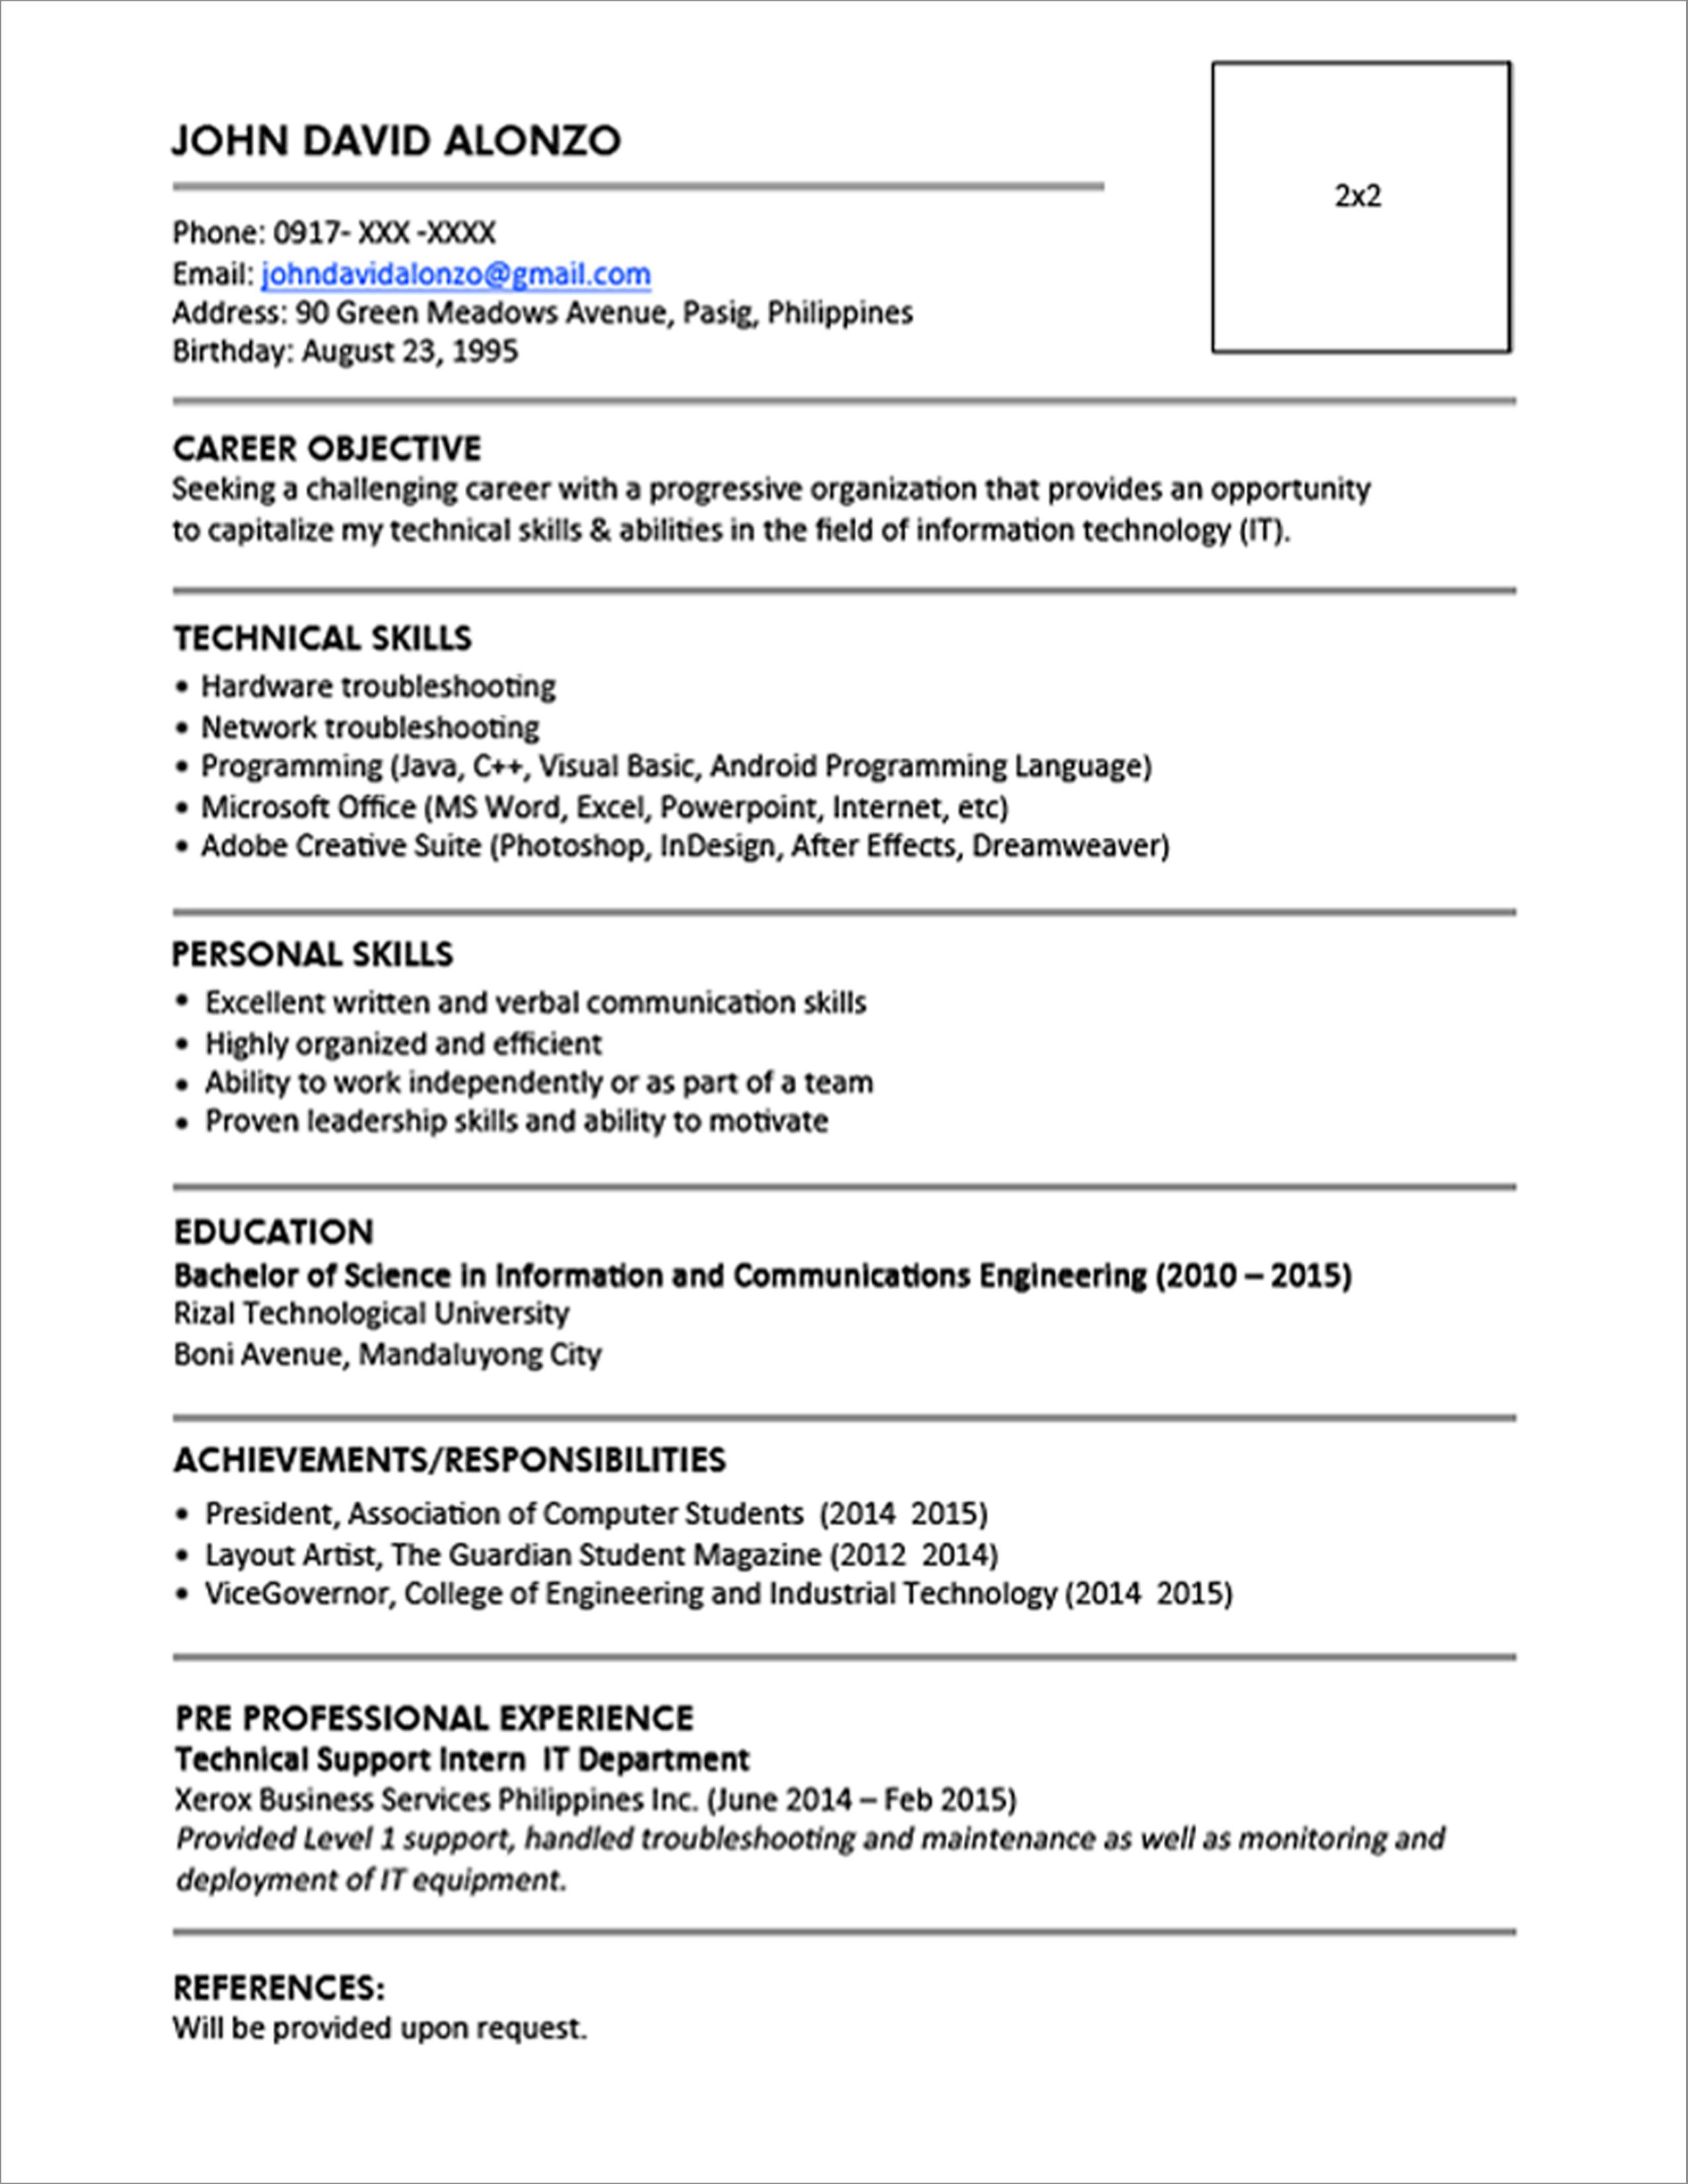 College Resume Sample Philippines